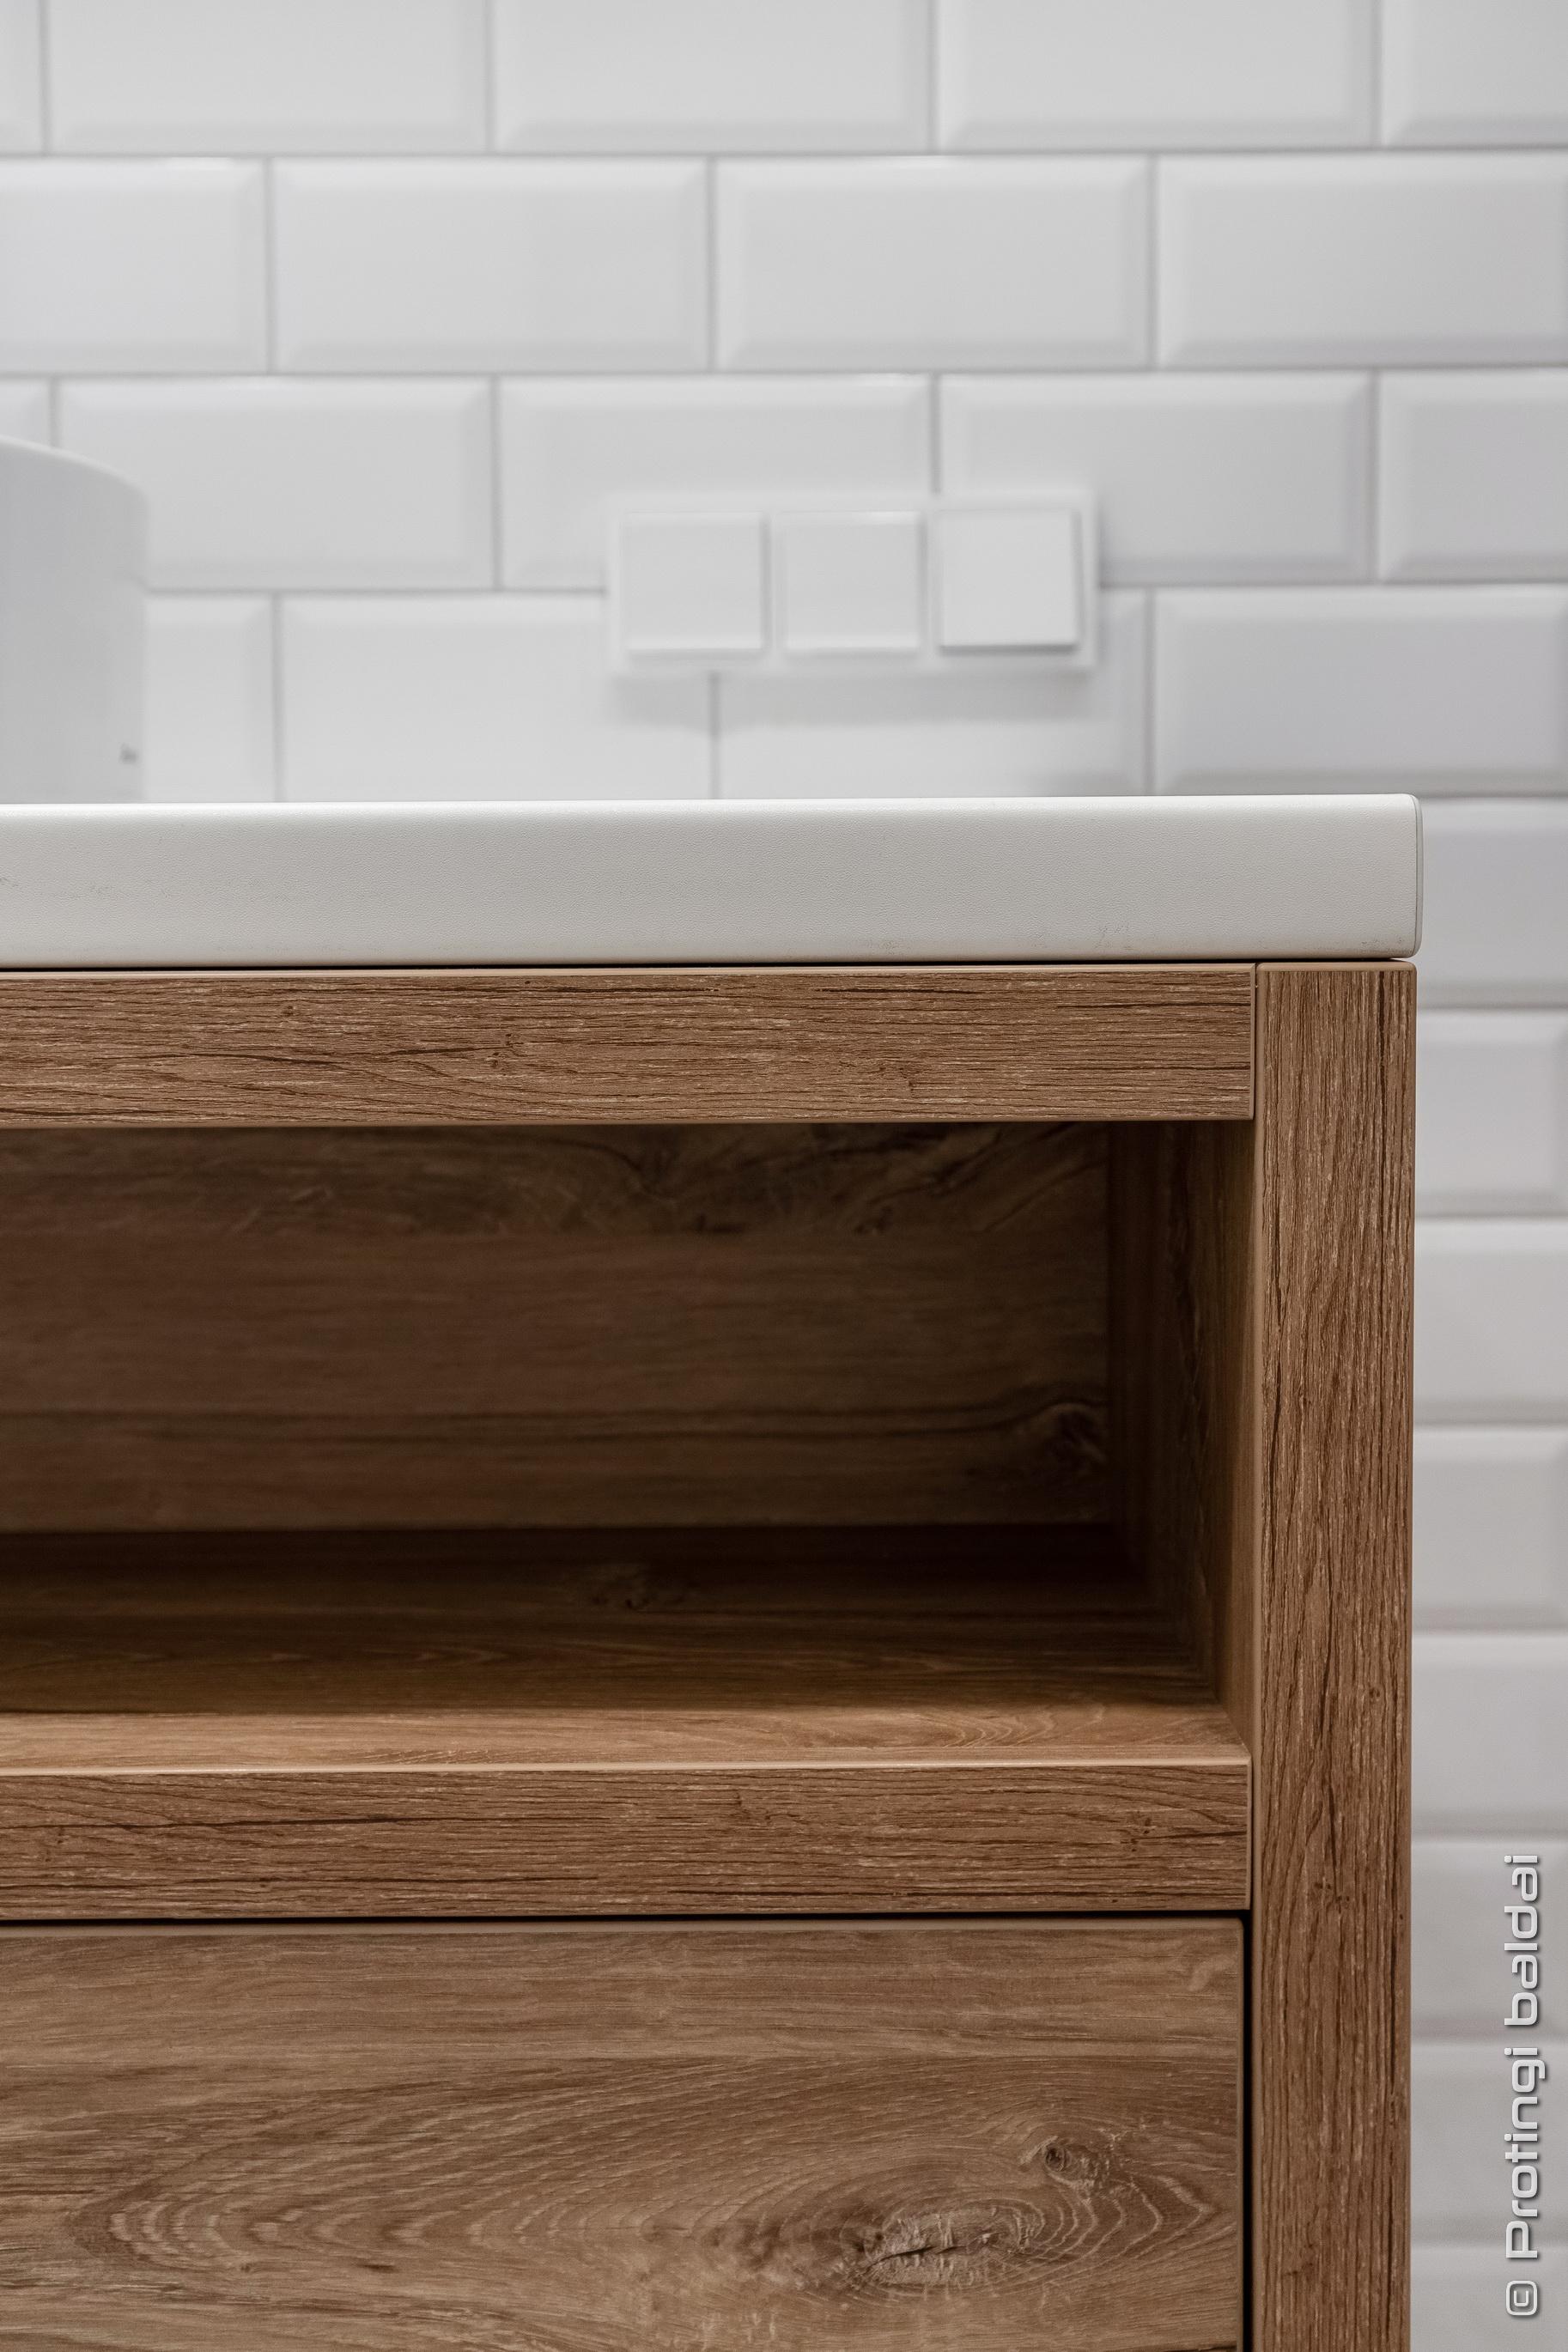 virtuve-vonia-PB35_13